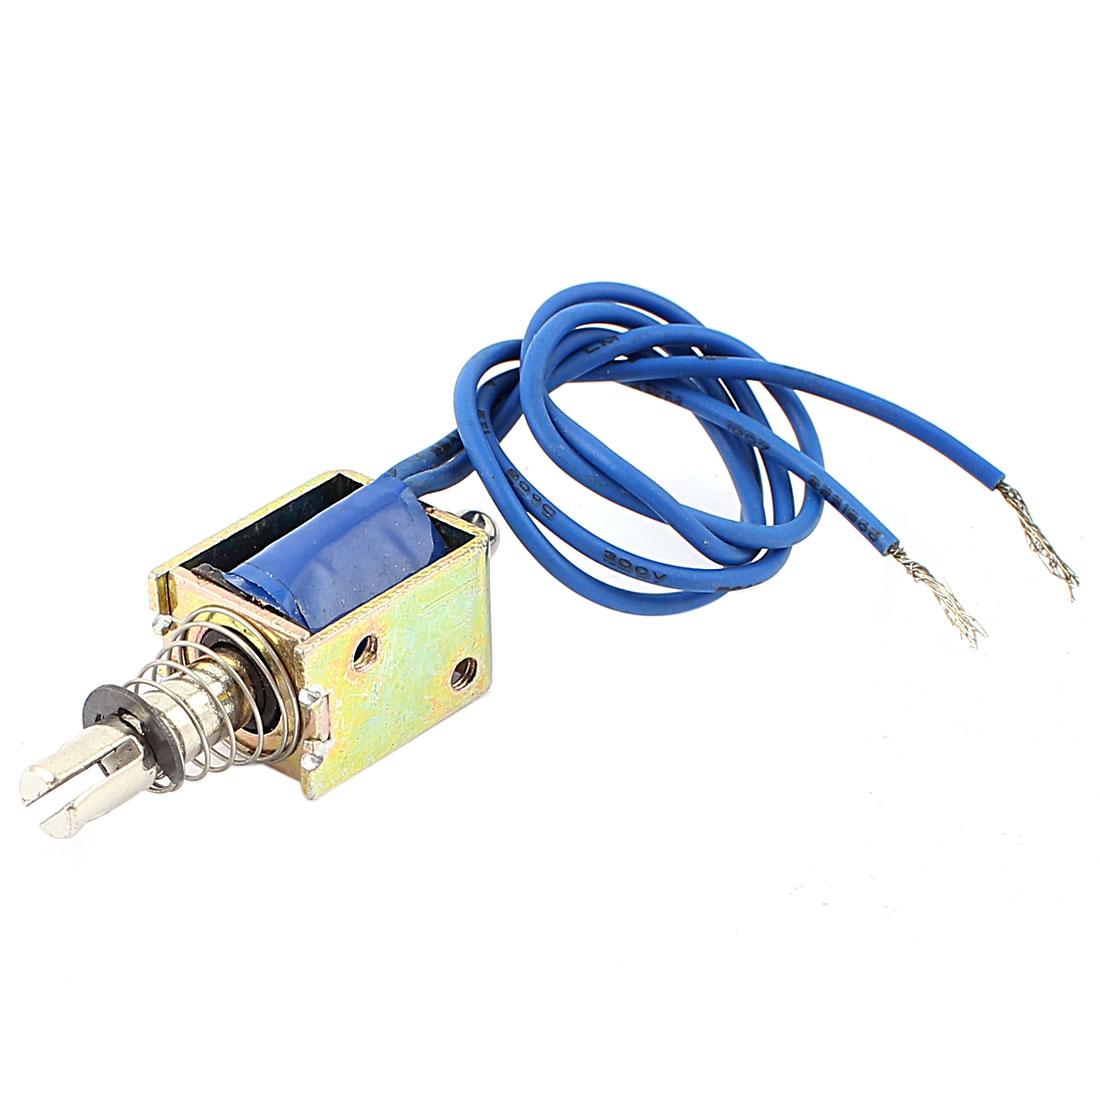 Push Pull Type DIY DC Electromagnet Magnet Solenoid 10mm 4N DC 12V 0.7A